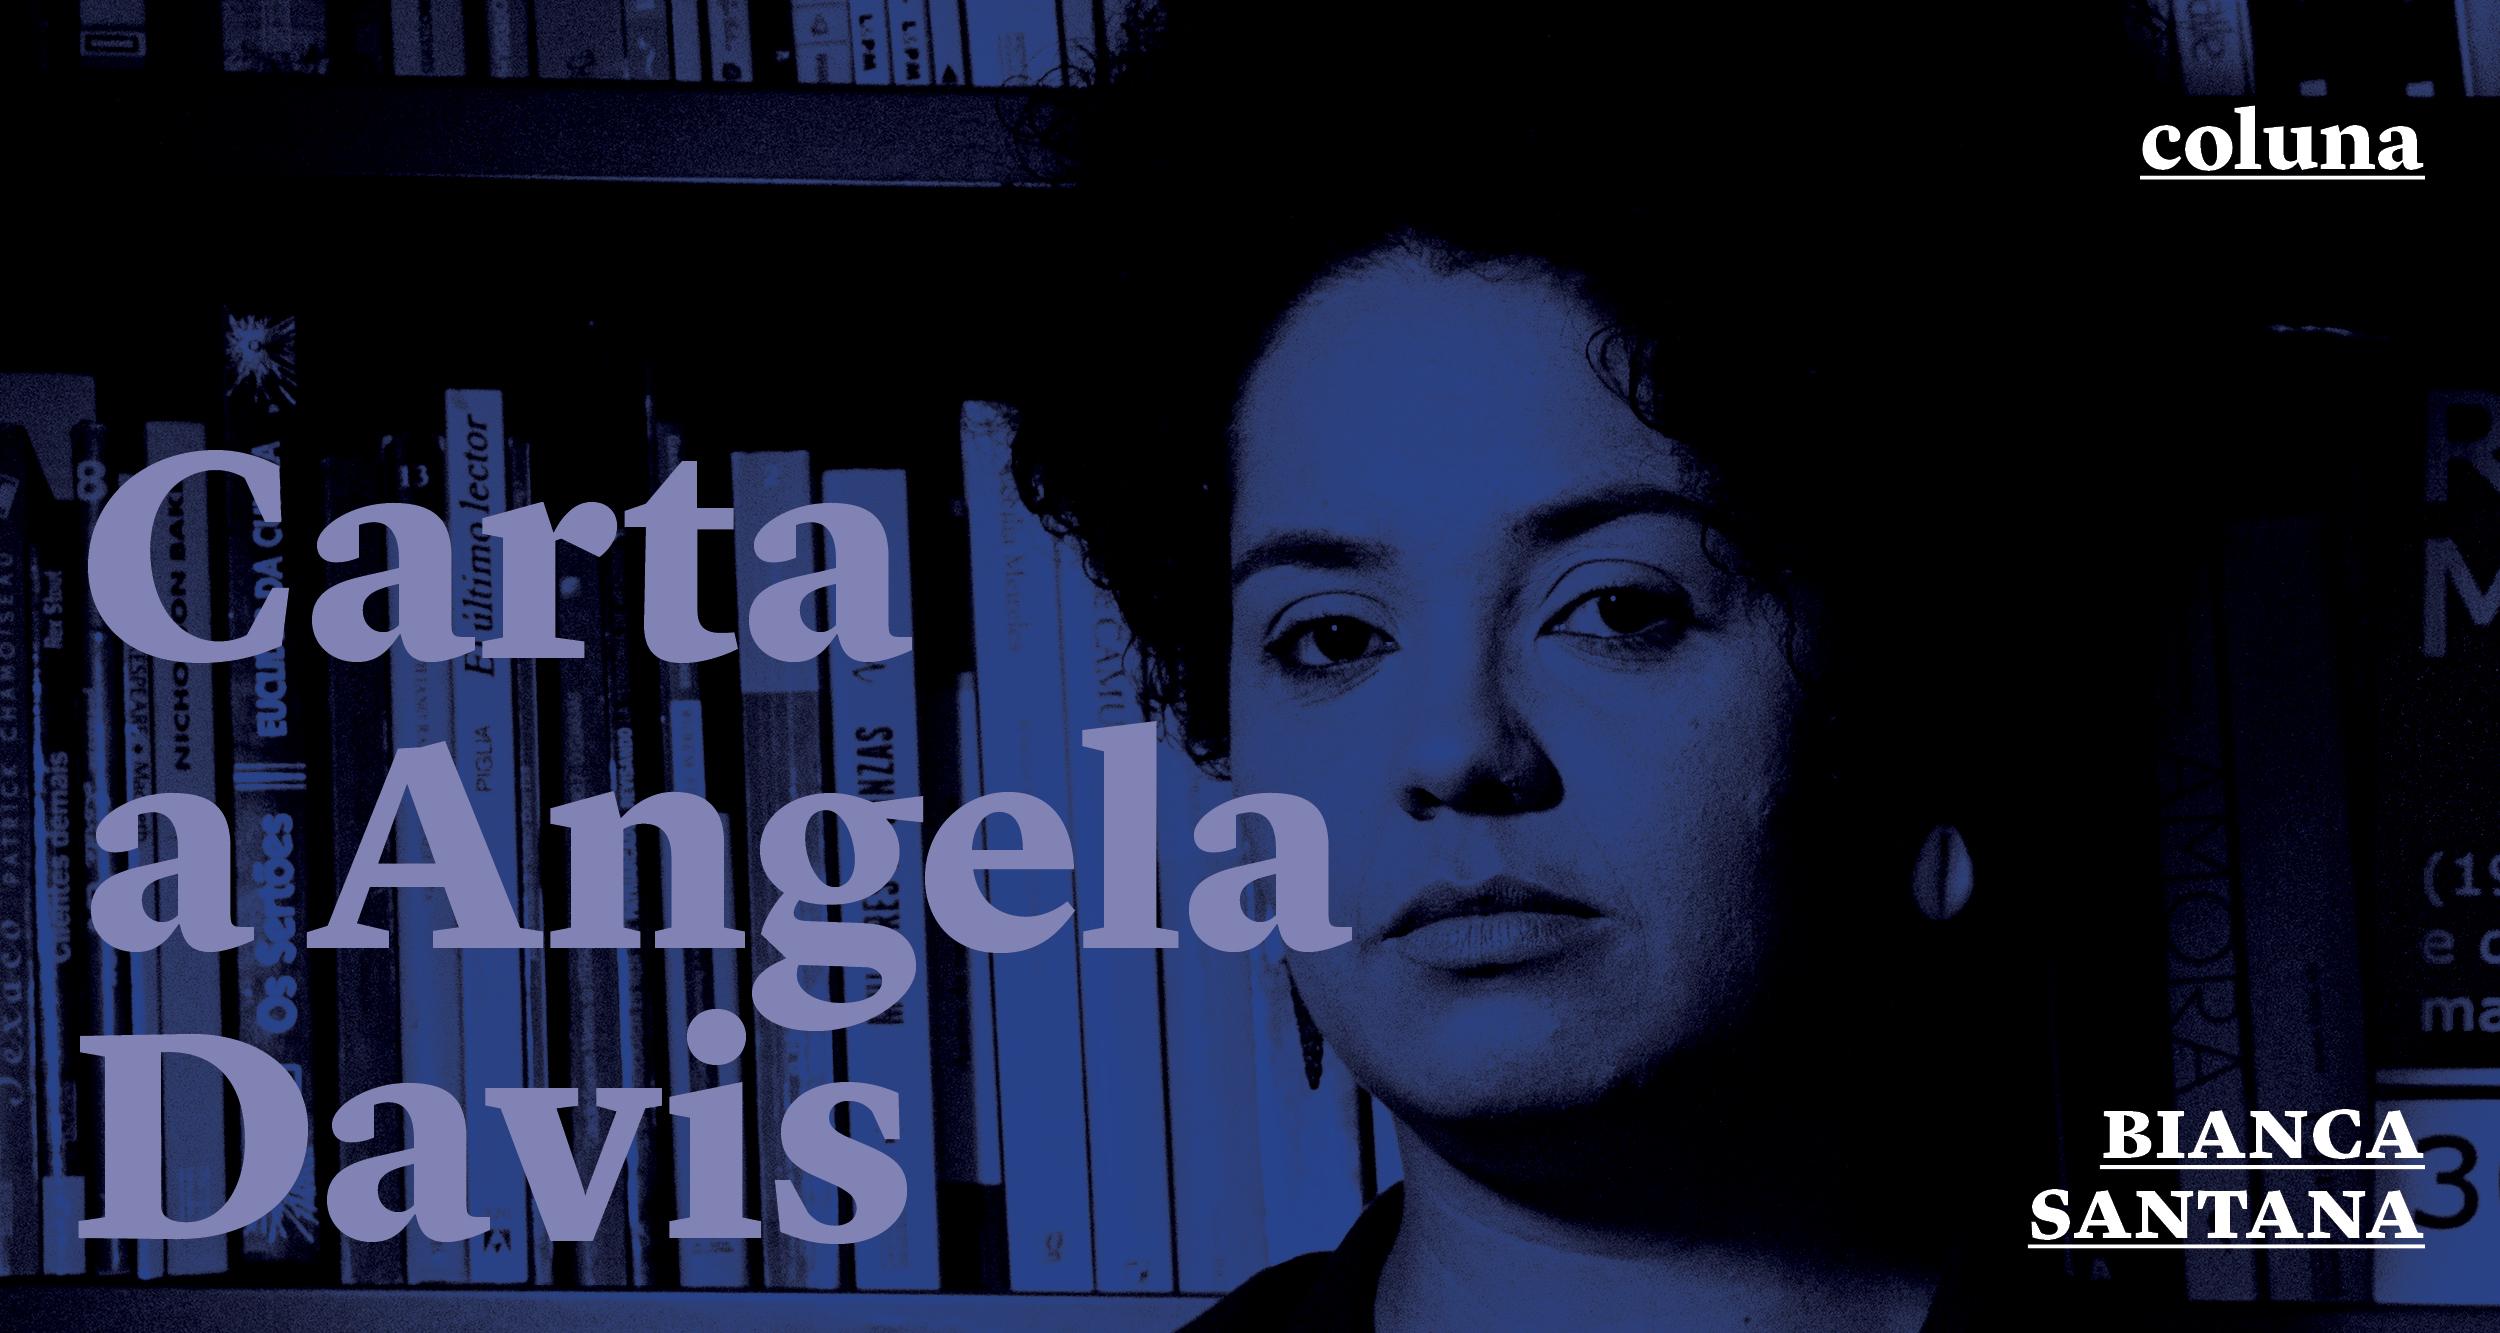 Uma carta a Angela Davis